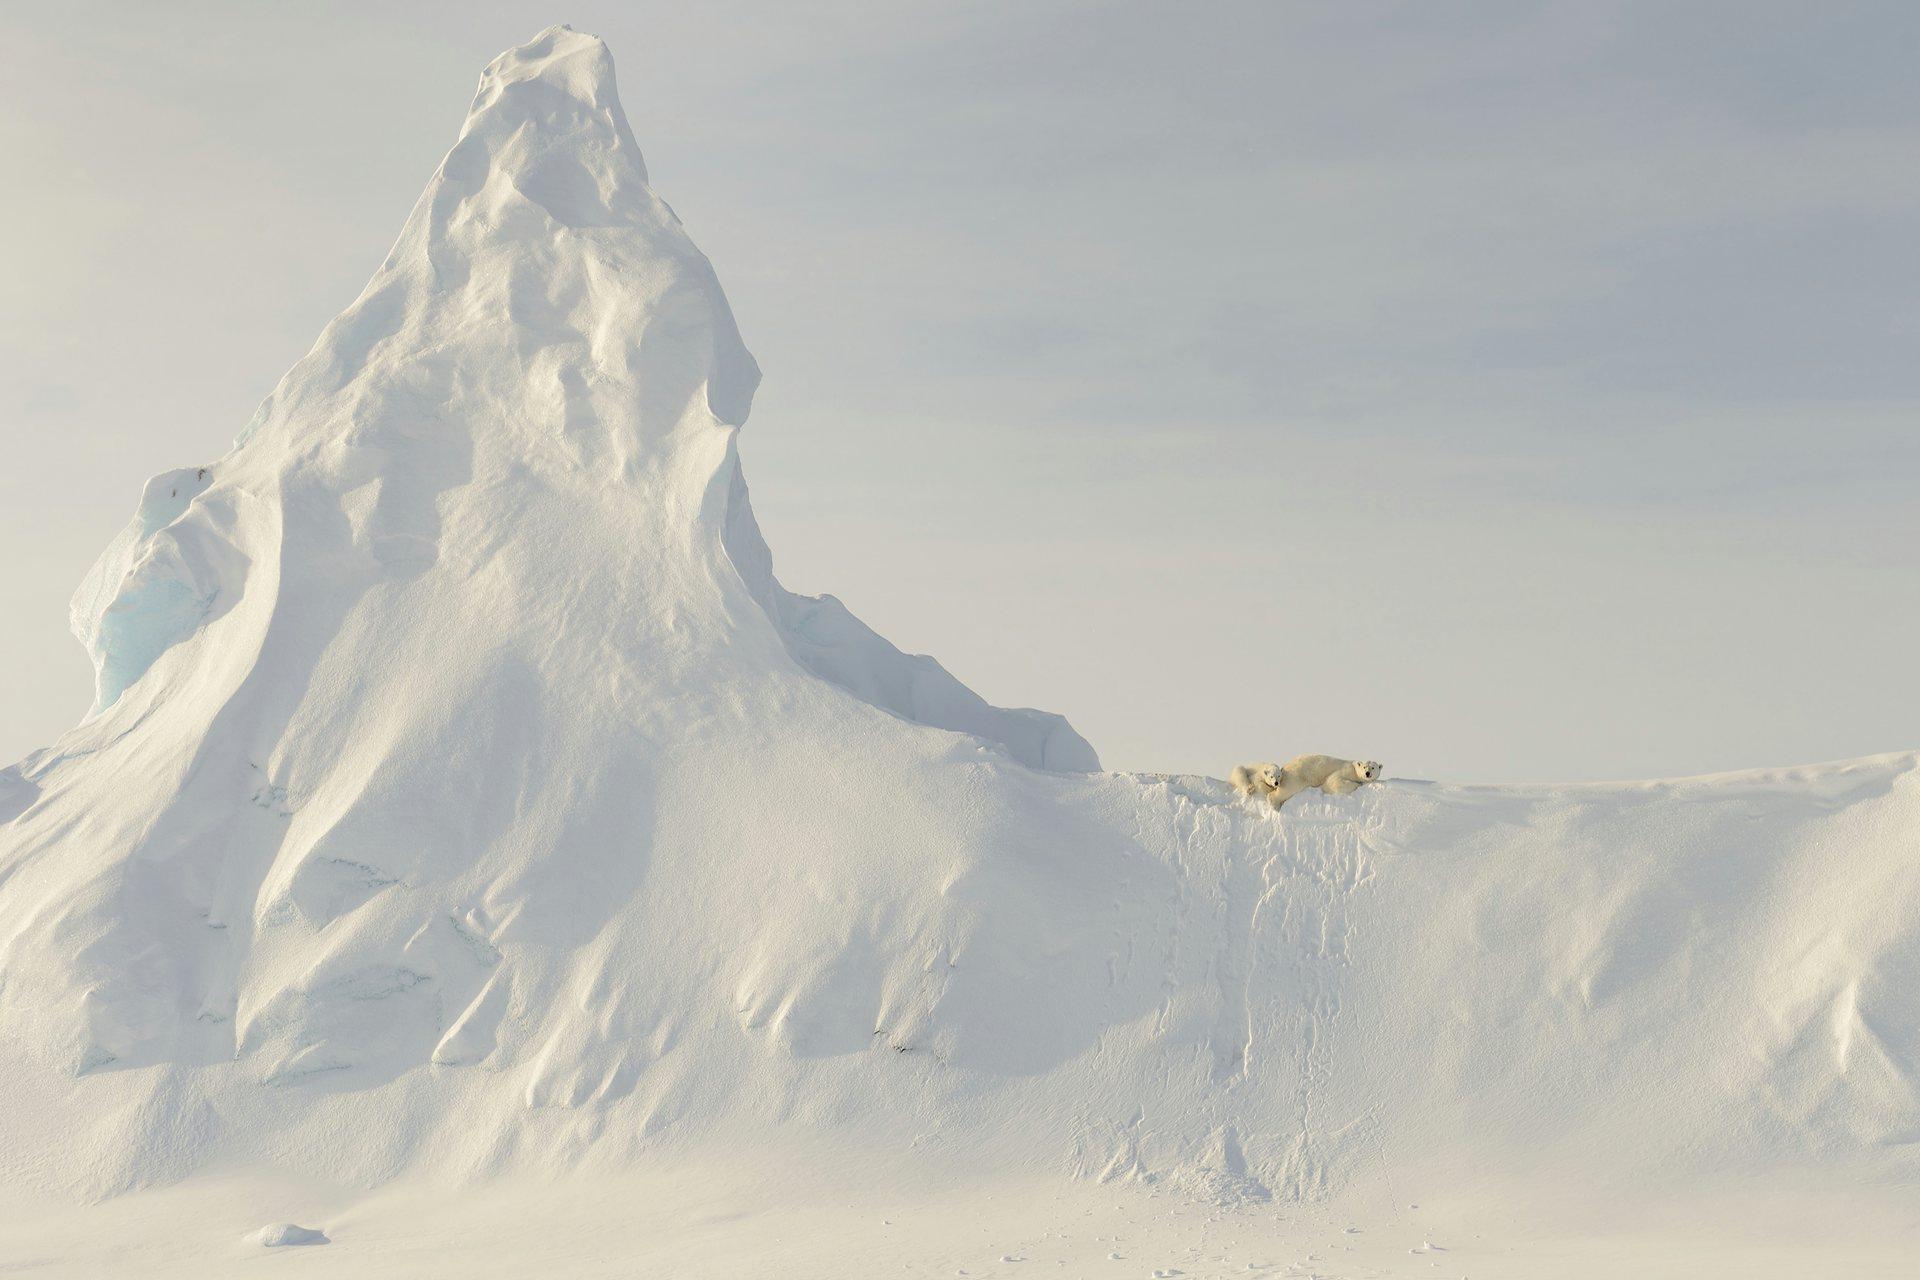 Τιμητική διάκριση, φύση: Bears on a Berg. Αυτή η φωτογραφία είχε τραβηχτεί μακριά, σε μια παγωμένη θάλασσα του Davis Straight στην ακτή της νήσου Baffin. Αυτή η μητέρα και το μωρό της είναι σκαρφαλωμένοι στην κορυφή ενός τεράστιου χιονισμένου παγόβουνου. Photograph: John Rollins/National Geographic Travel Photographer of the Year Contest